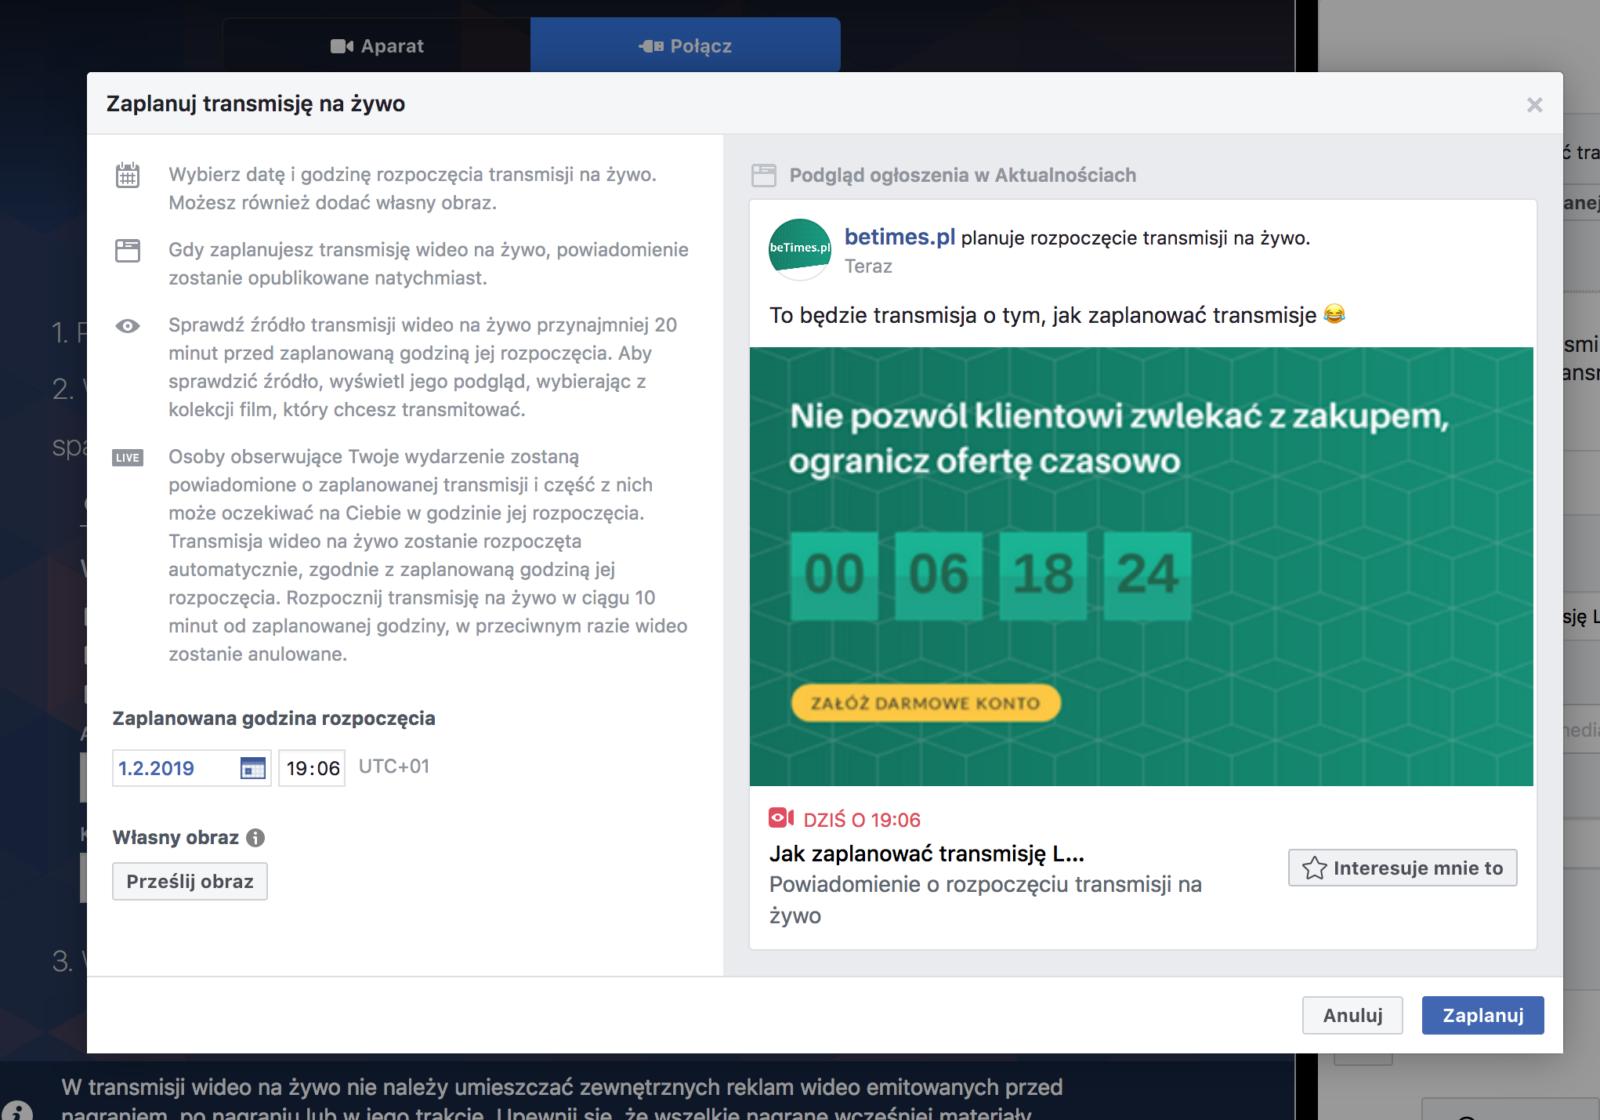 Jak zaplanować transmisję LIVE na Facebooku?